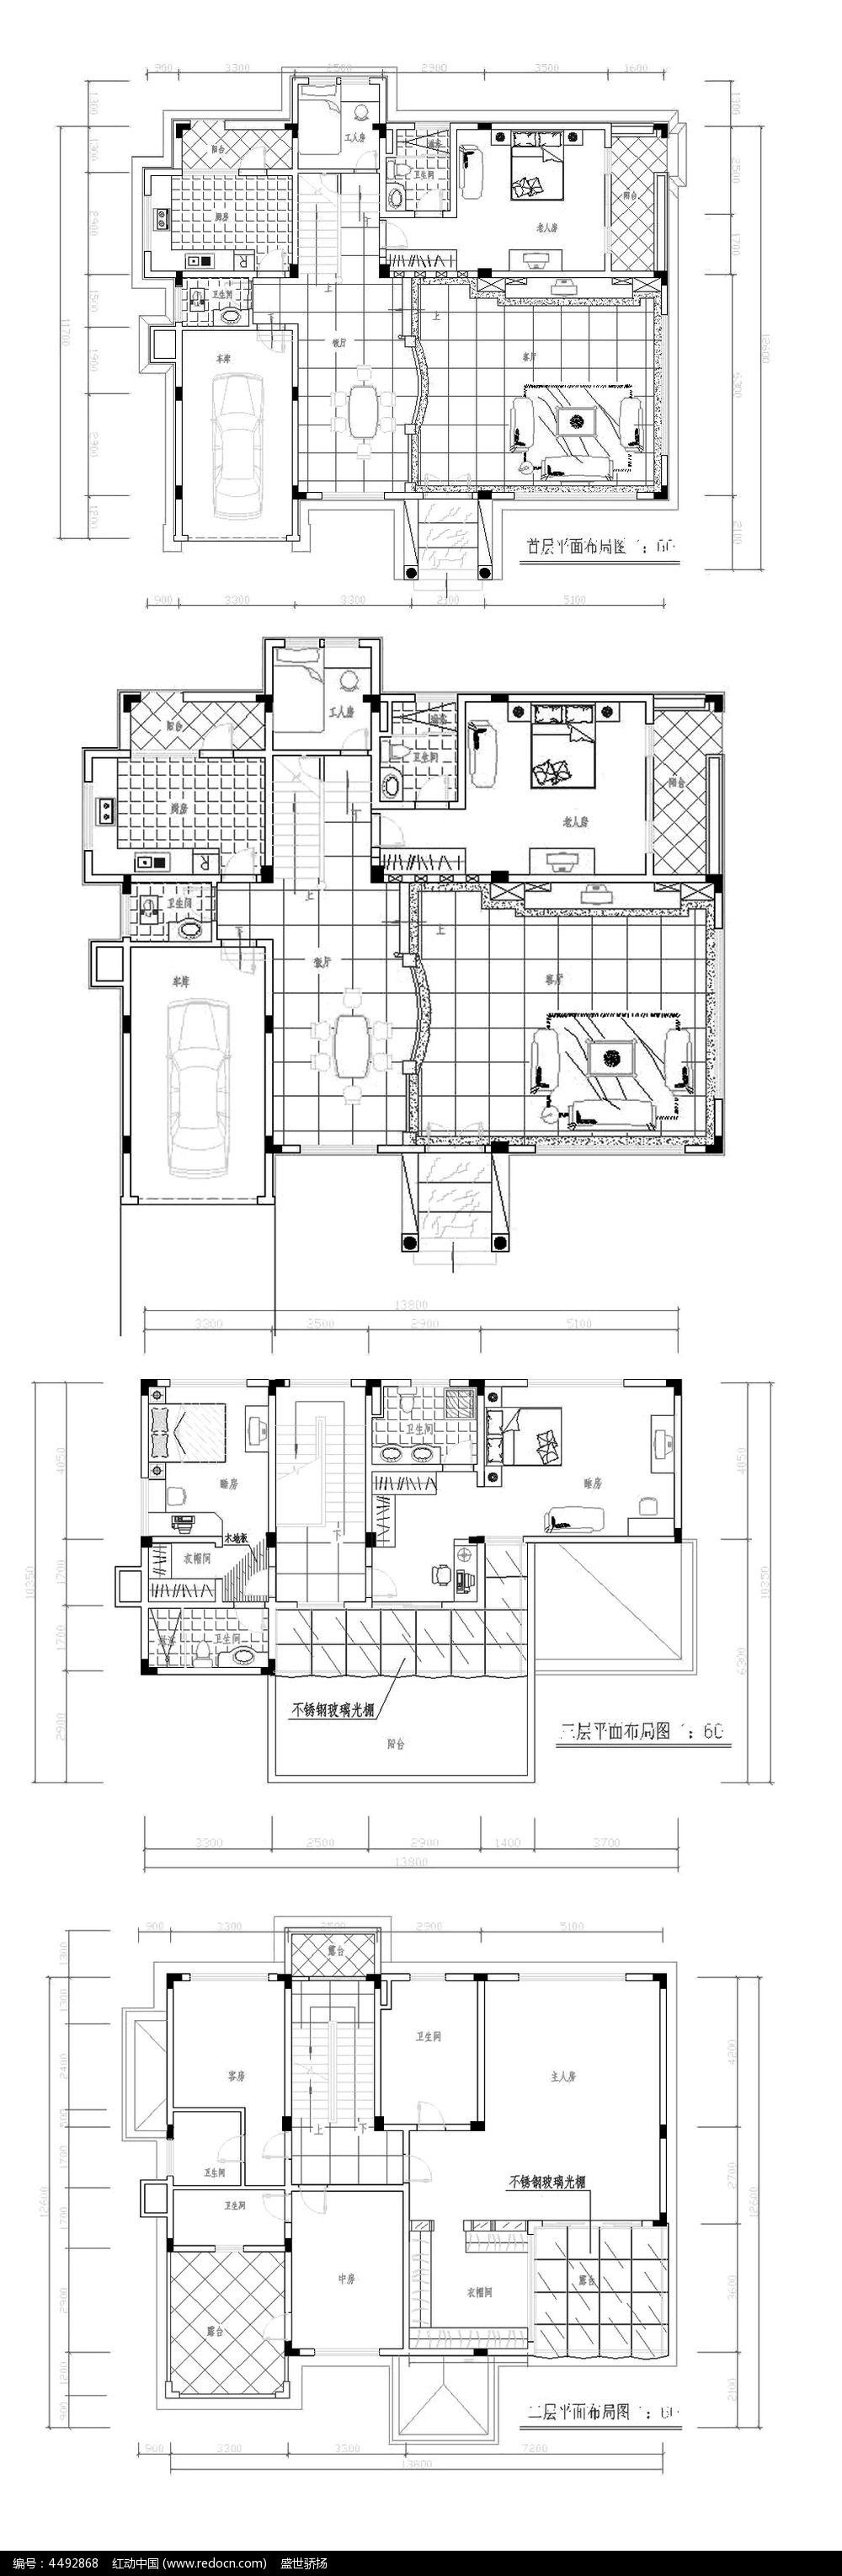 纸图设计 复式别墅设计图 复式家居设计 别墅施工图纸 CAD图库